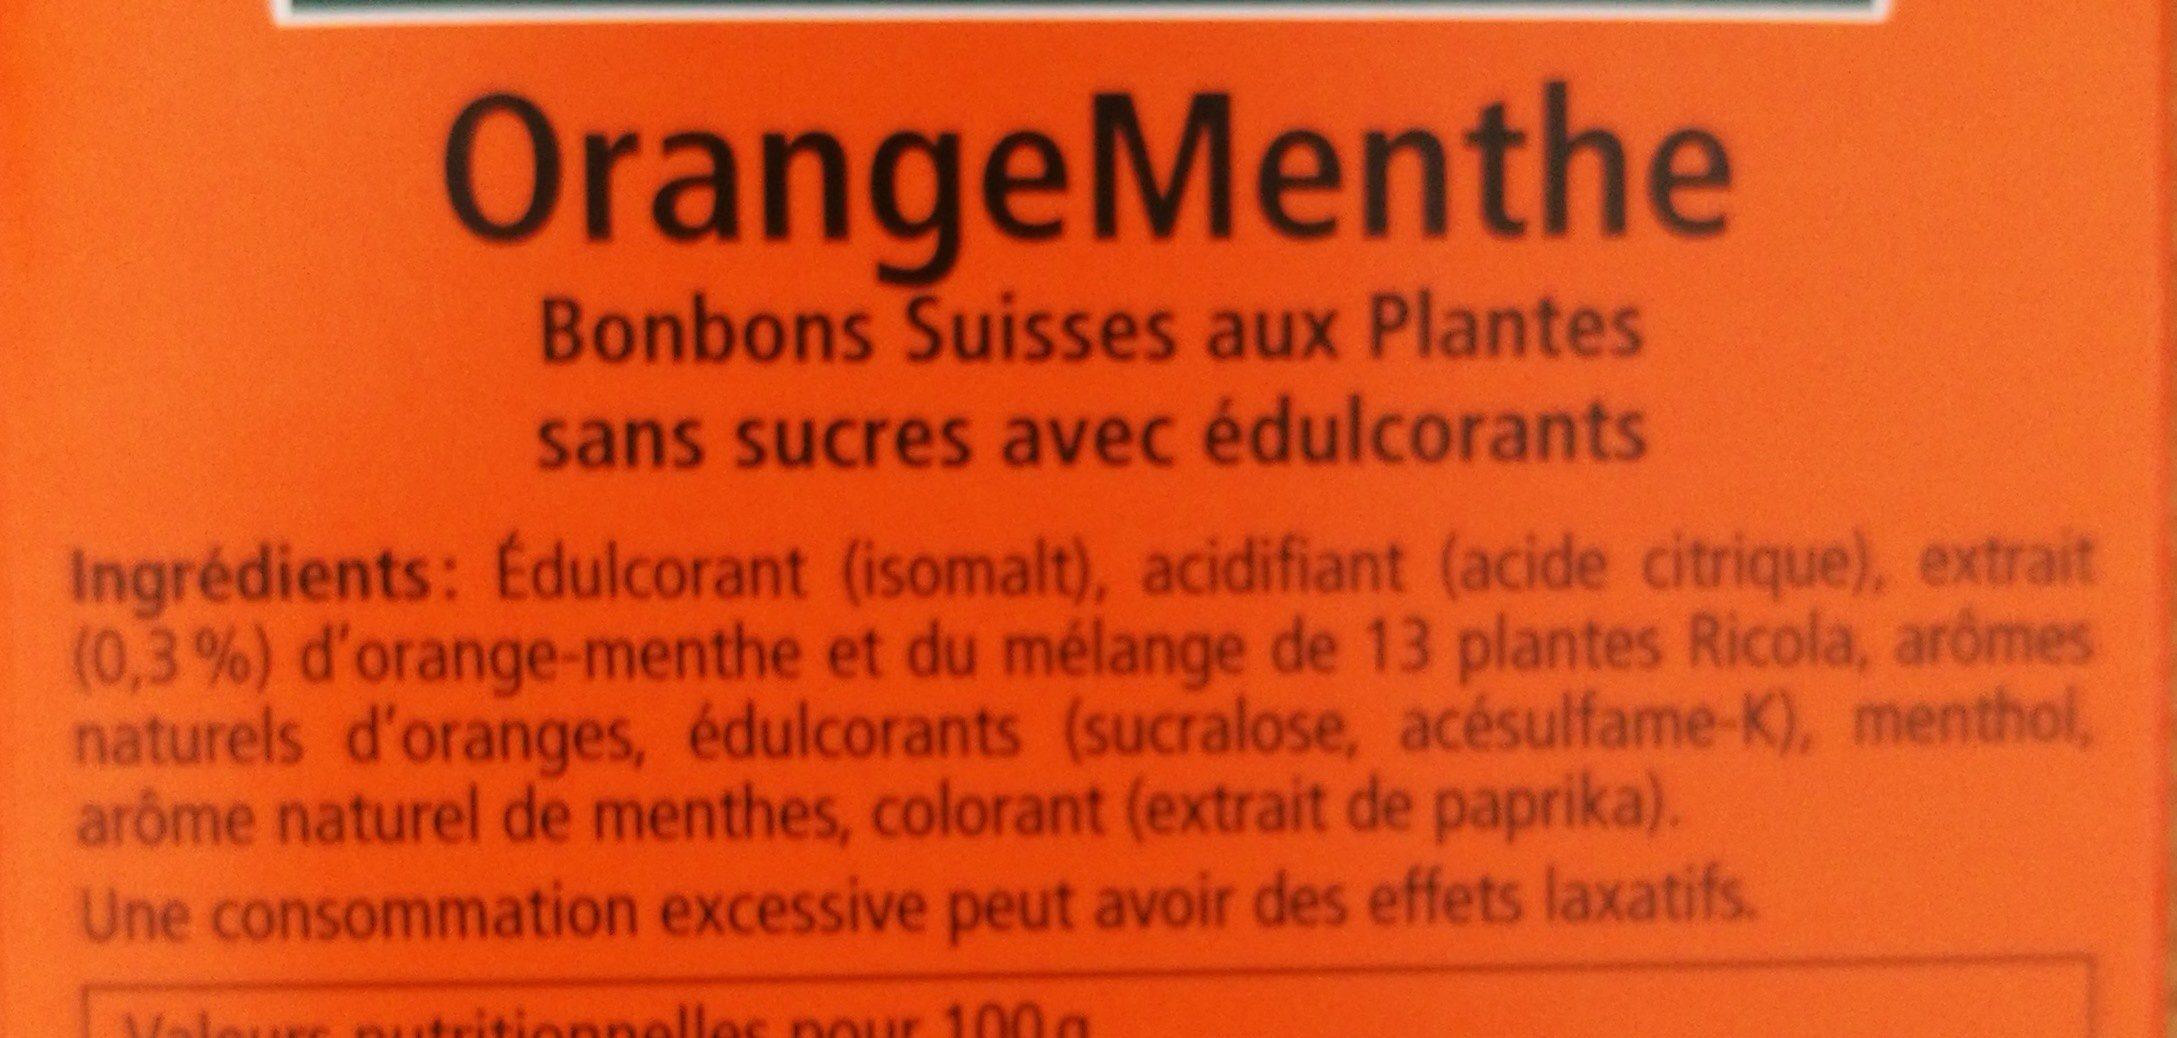 Orange Menthe sans sucres avec édulcorant provenant de la stévia - Ingredients - fr